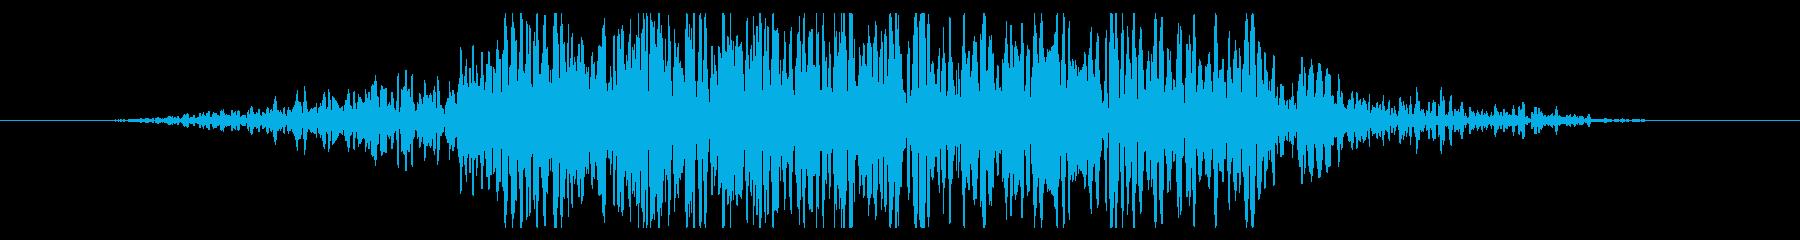 斬撃 ディープスコールヘビーショート05の再生済みの波形